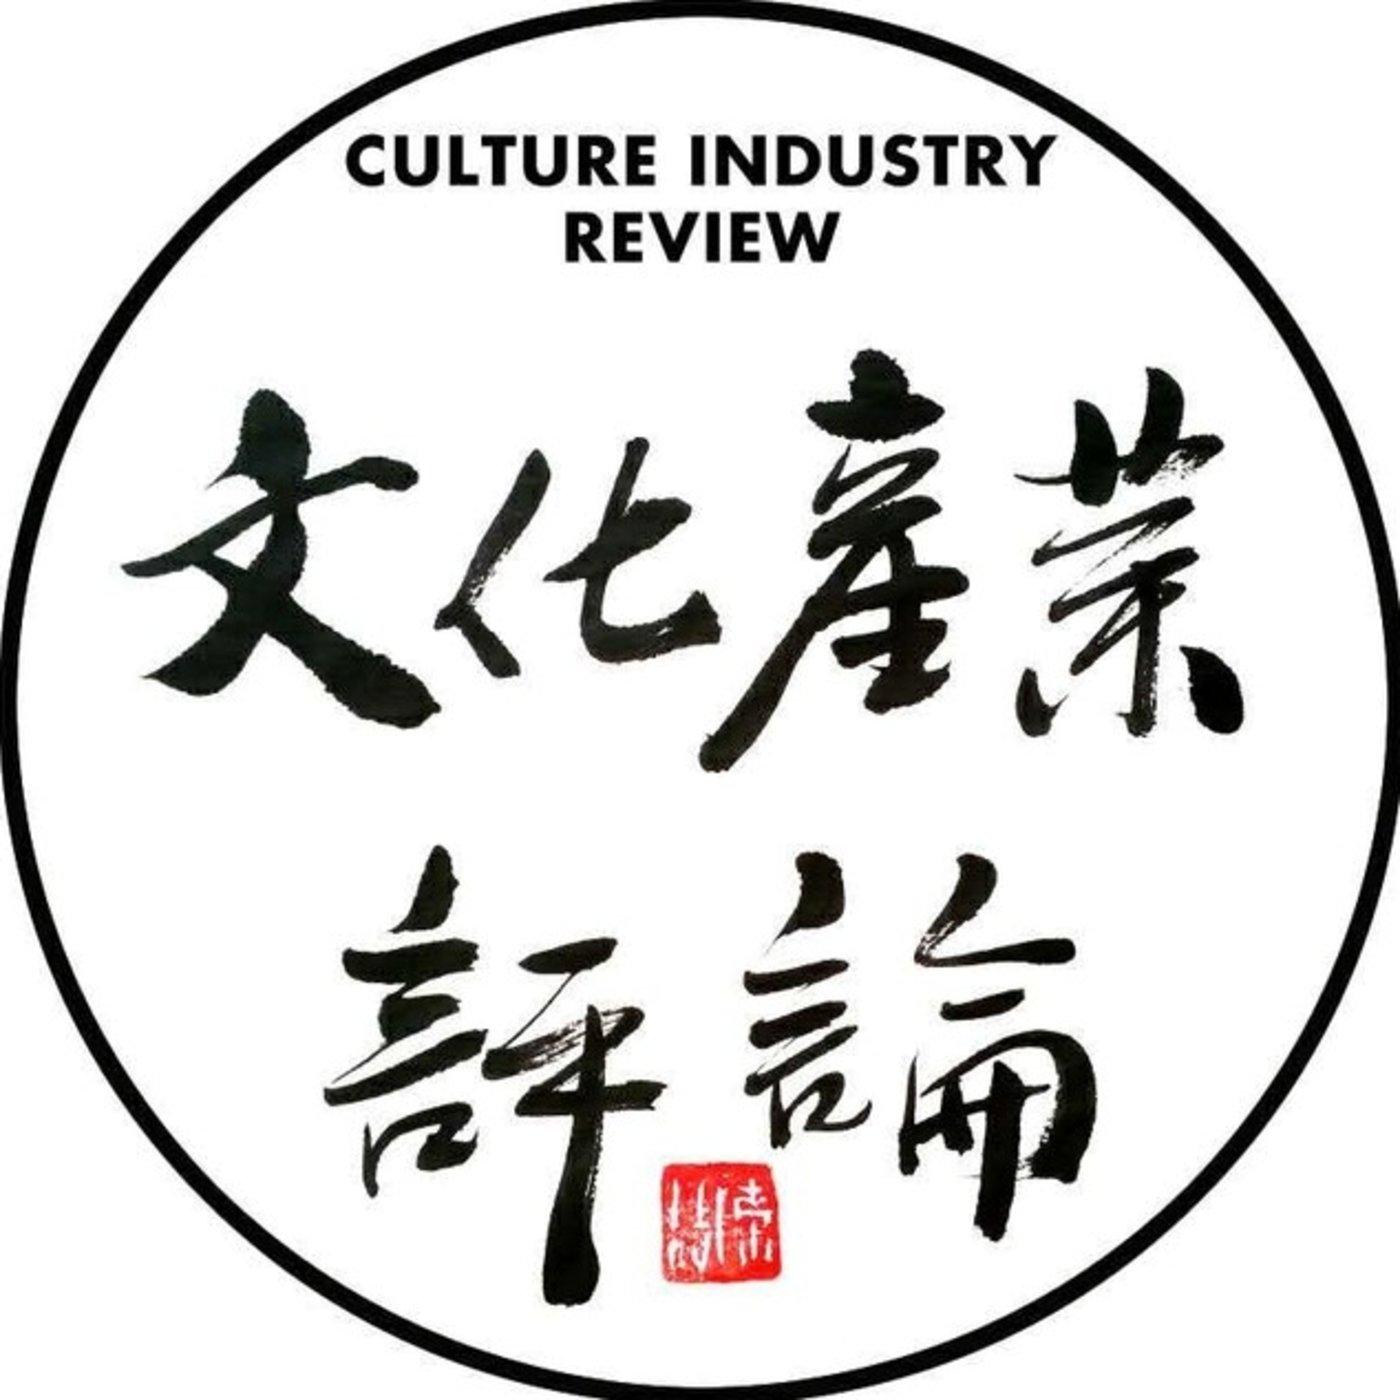 文化产业评论